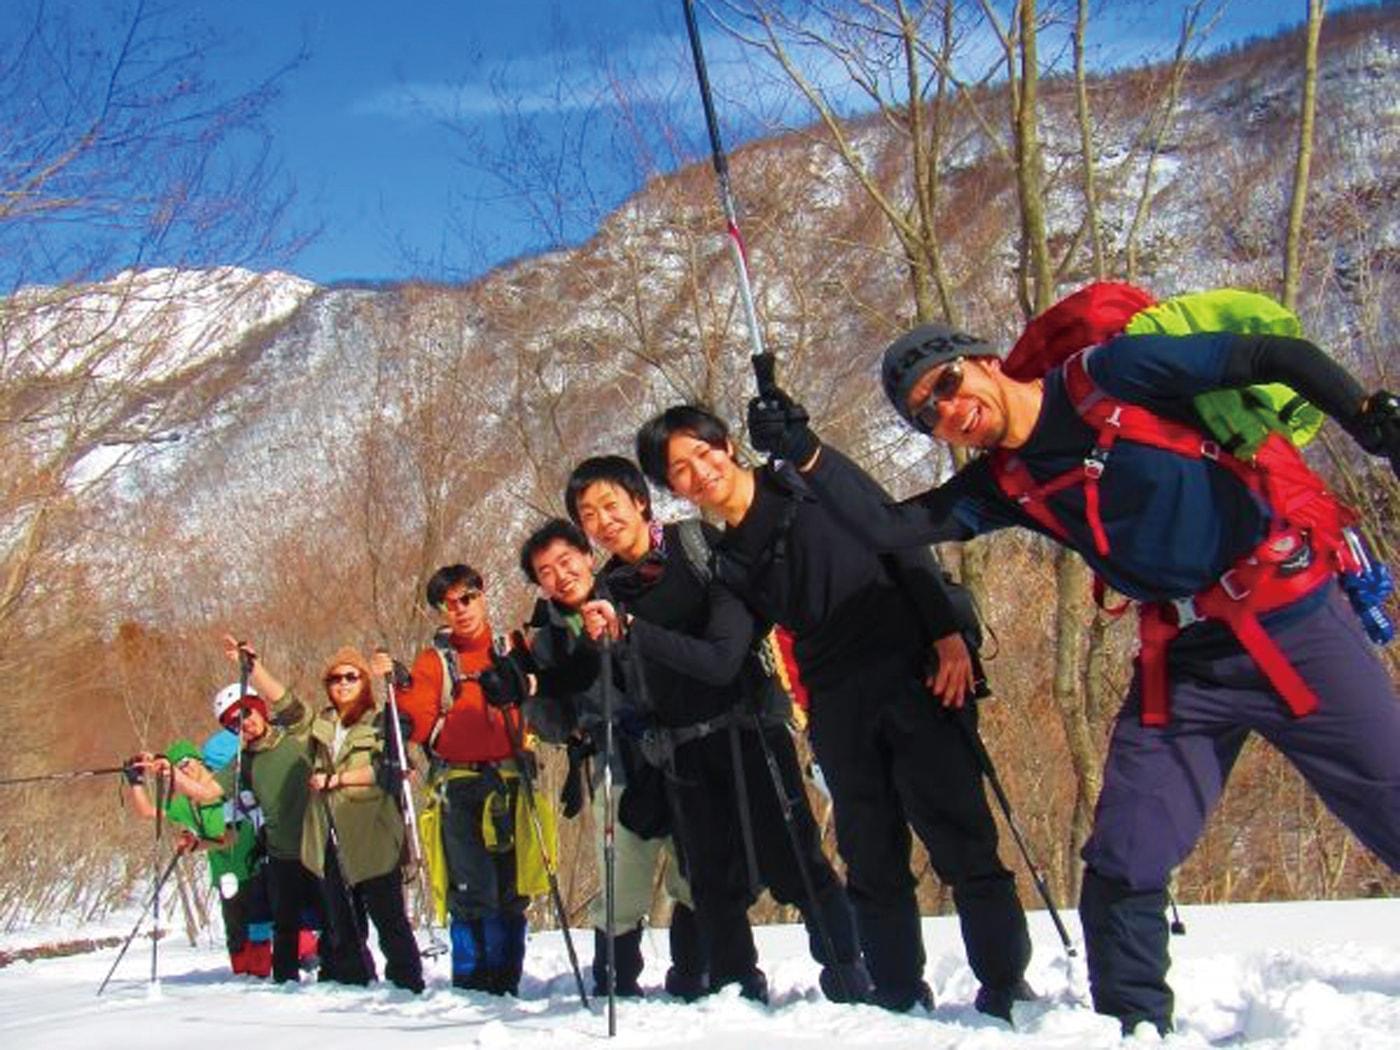 つちからの会 冬の冒険ツアー~メープルシロップ樹液採取体験とかまくらの中でバーベキュー体験~